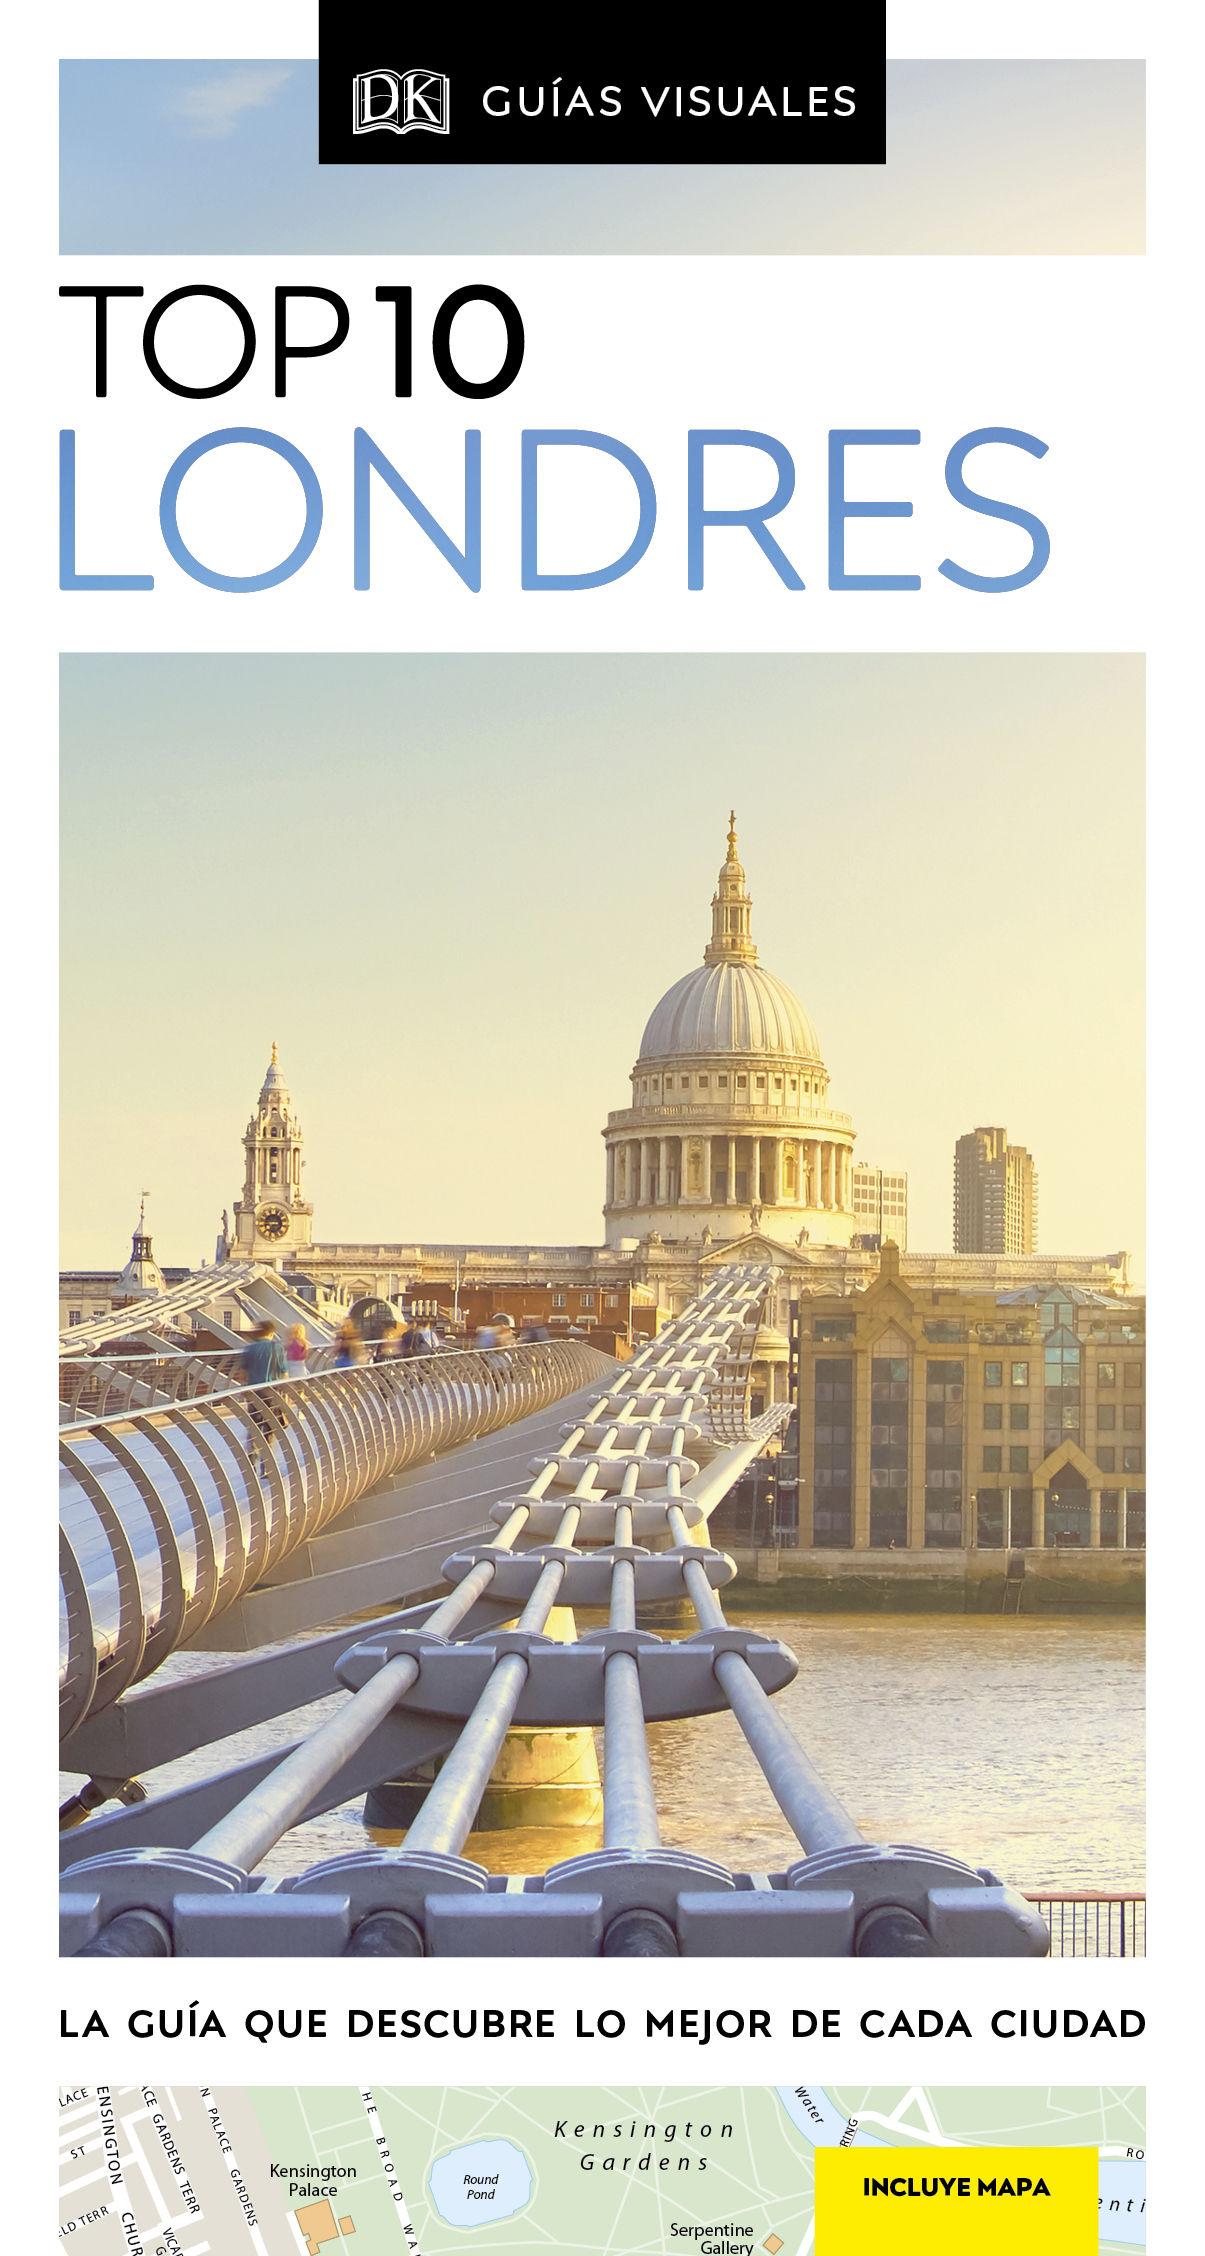 LONDRES TOP 10